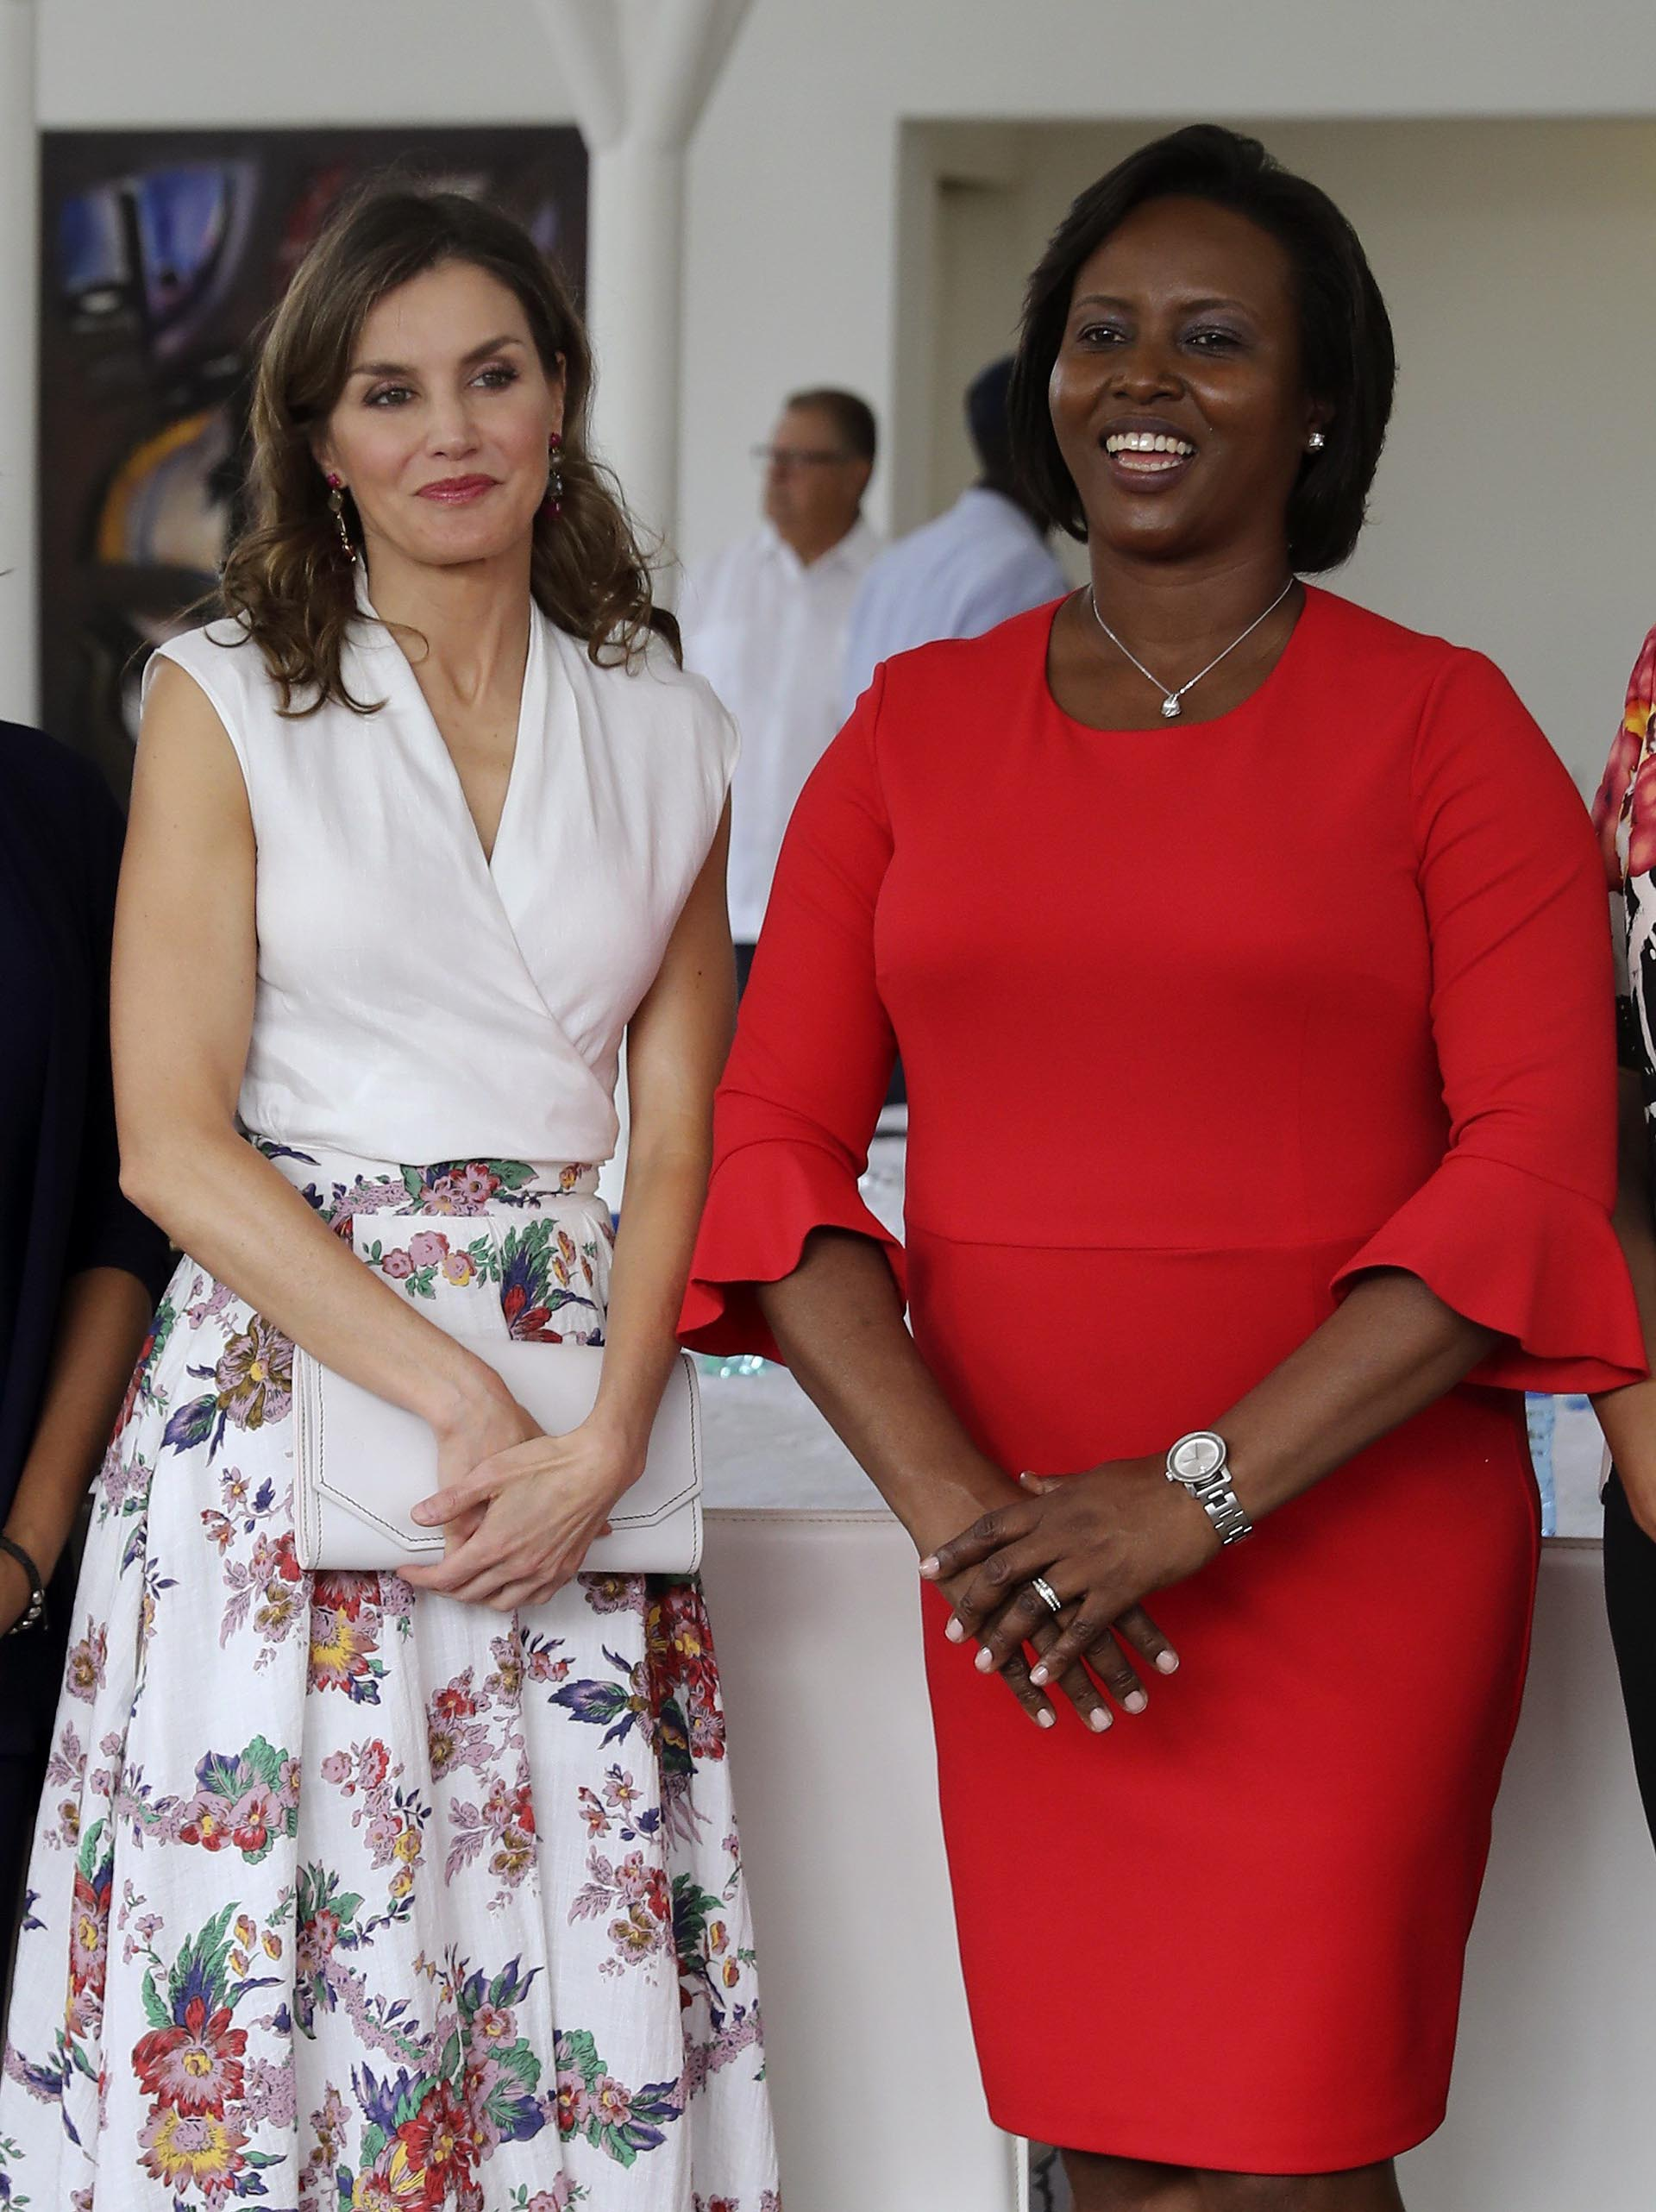 Letizia acompañada por la primera dama de Haití, Martíne Moise, en el Museo Panteón Nacional Haitiano donde participaron de una reunión para conocer la situación de la mujer en Haití, los logros alcanzados y los retos pendientes